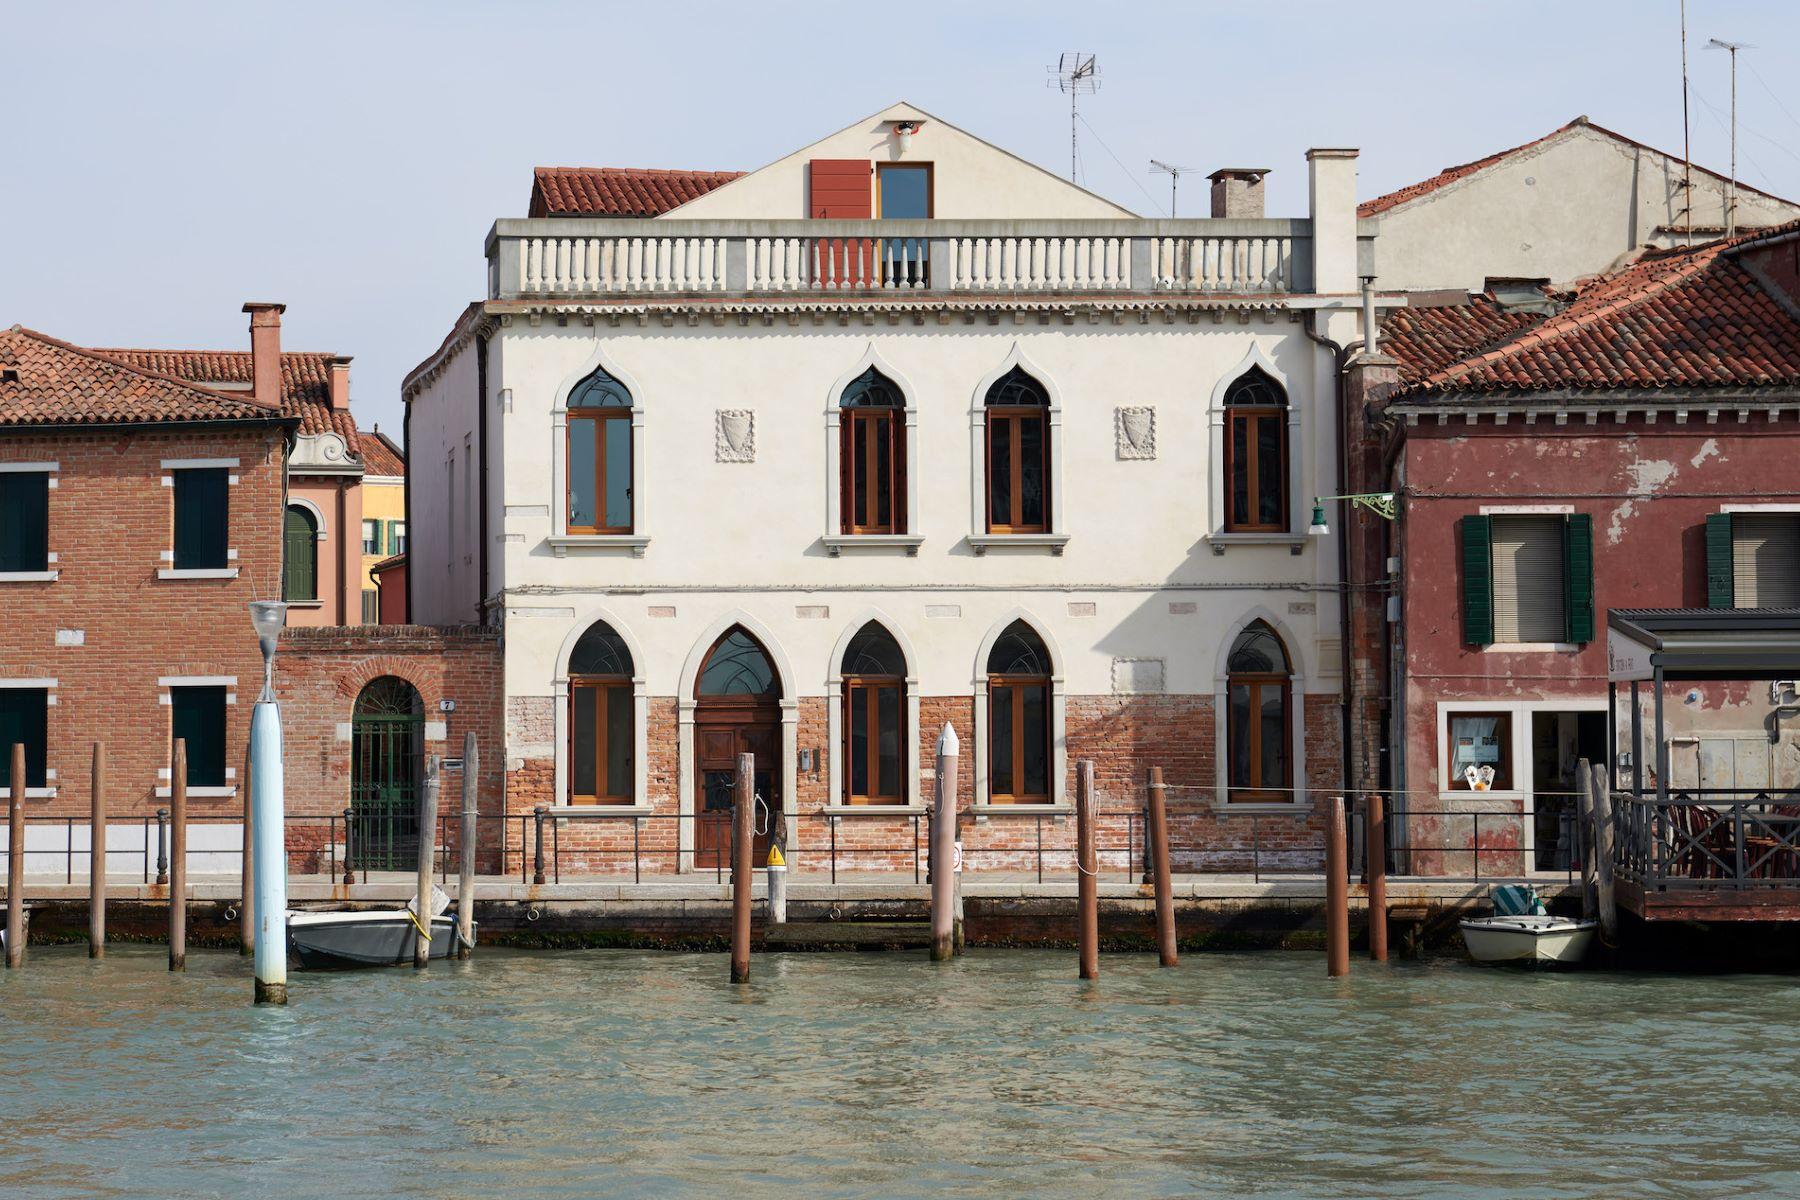 Propiedad en venta Venezia